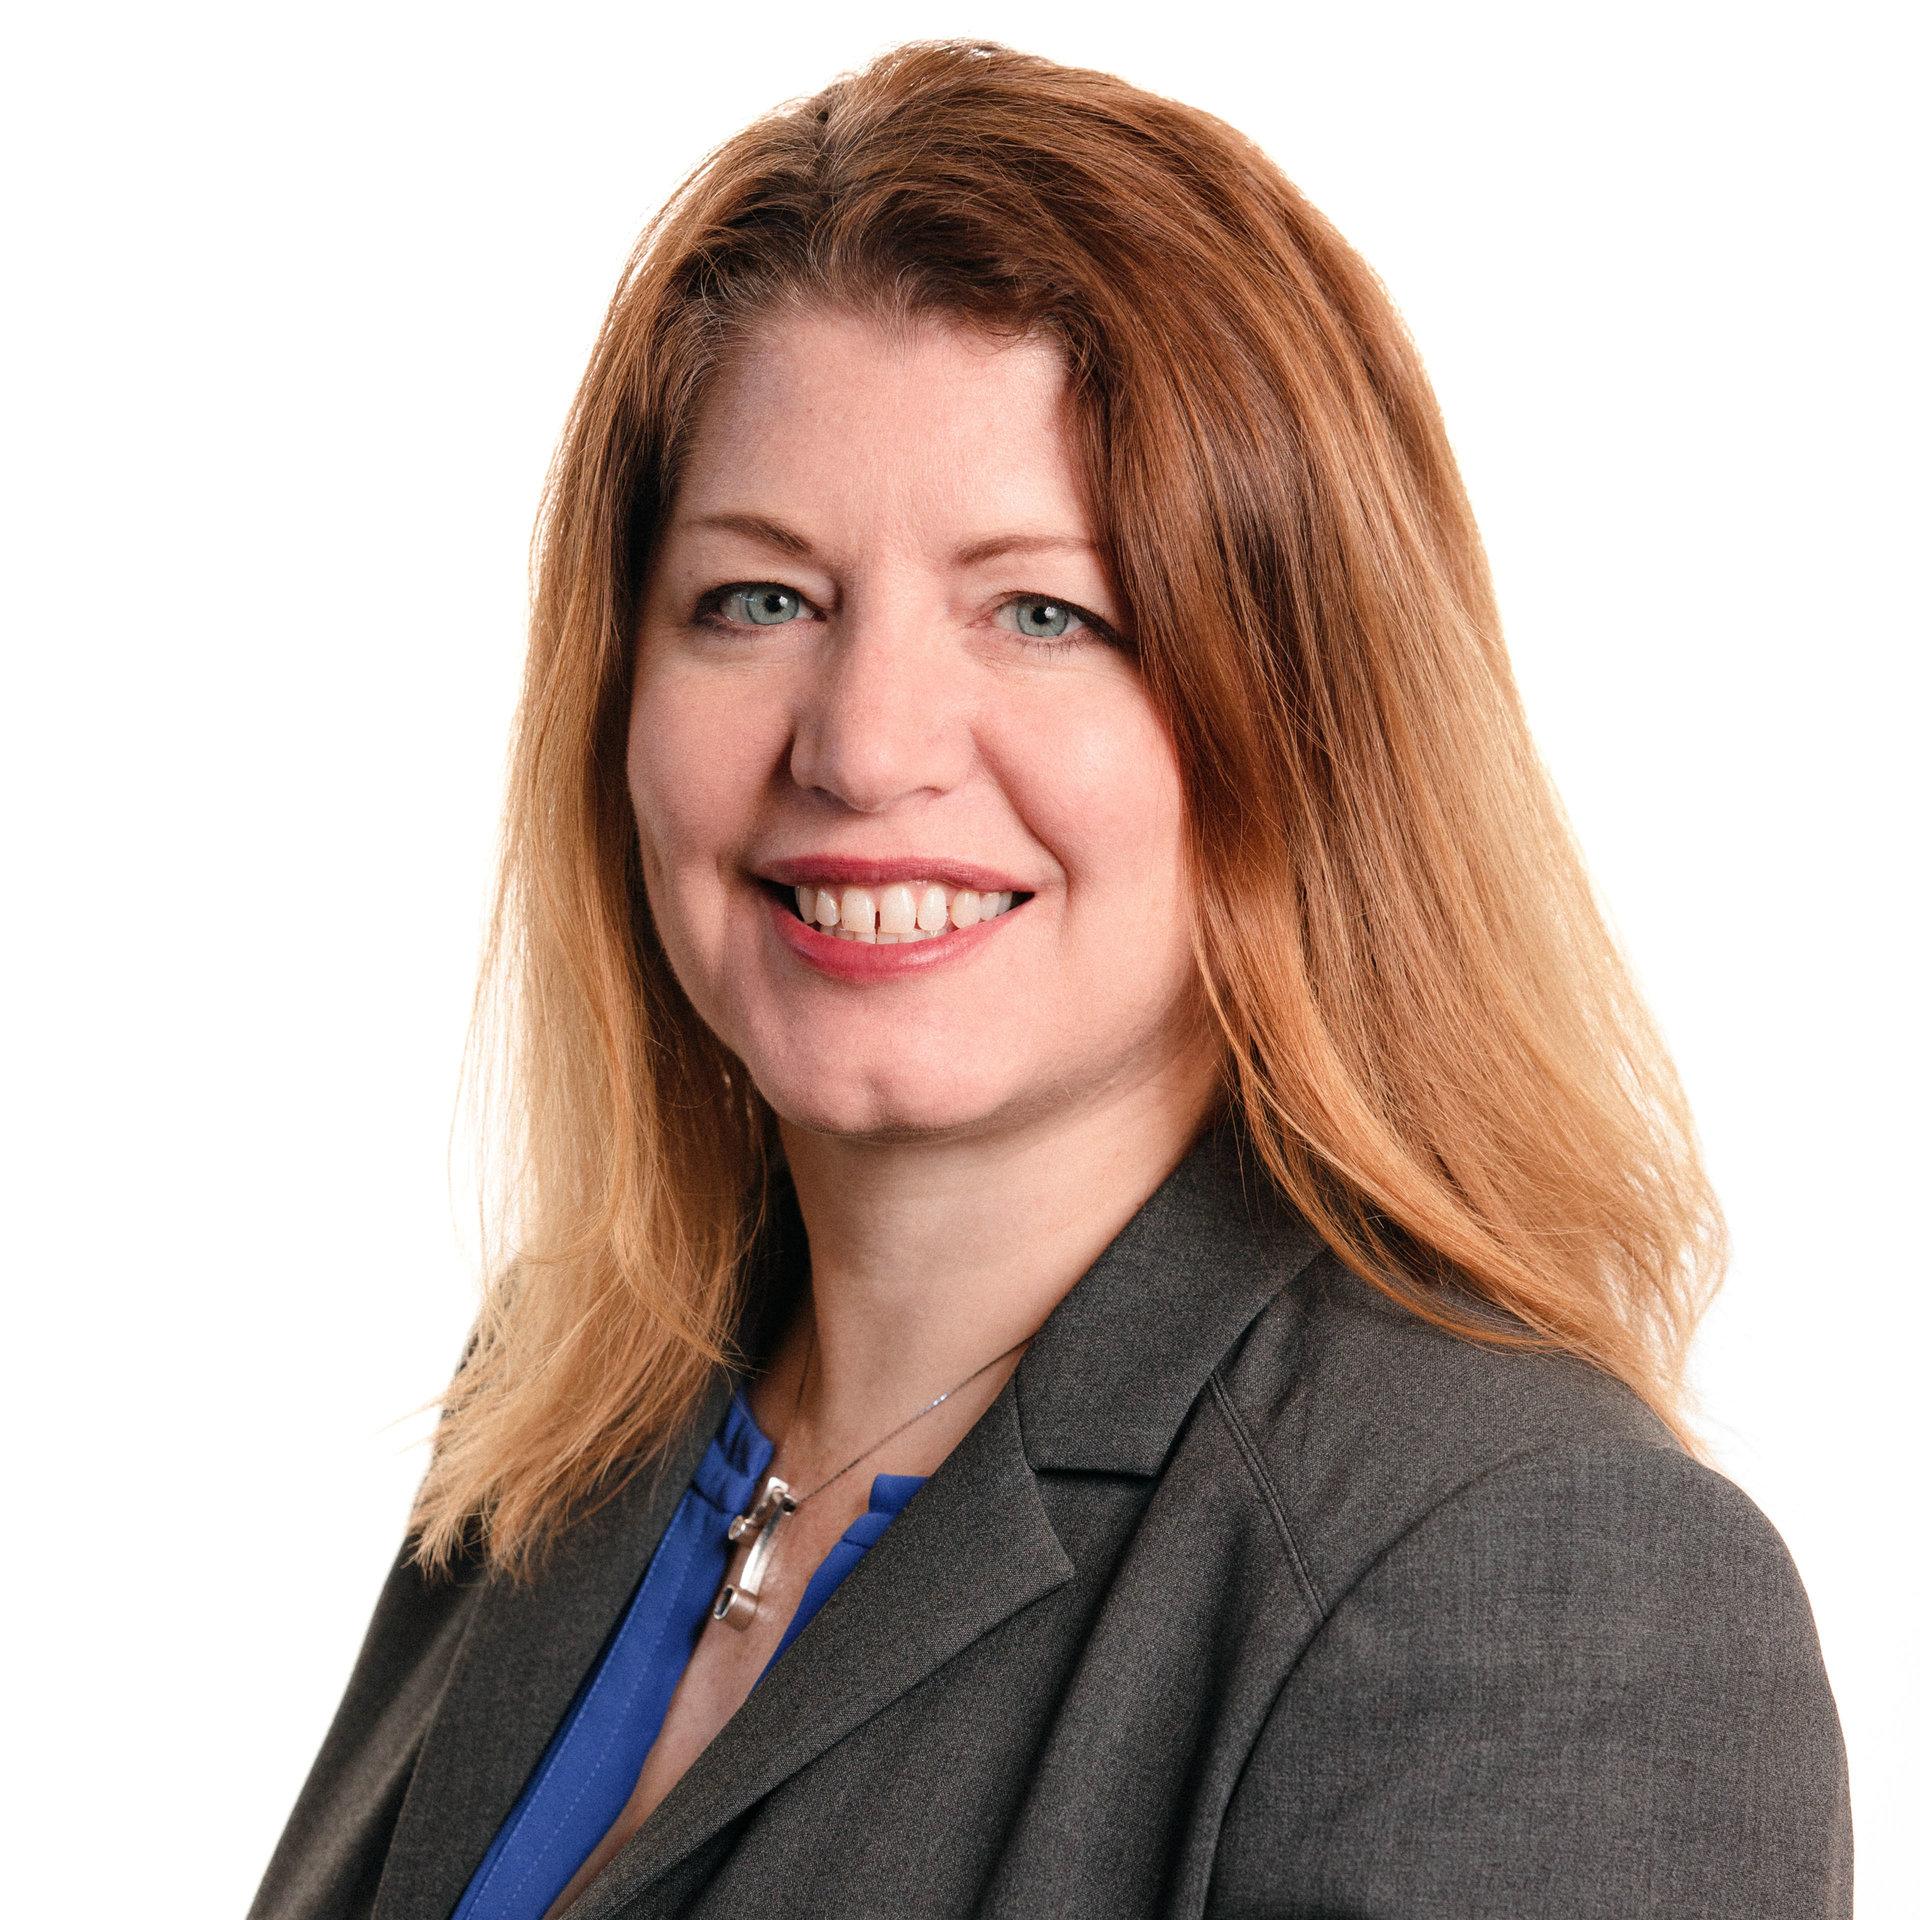 photo of Alison LeRoy